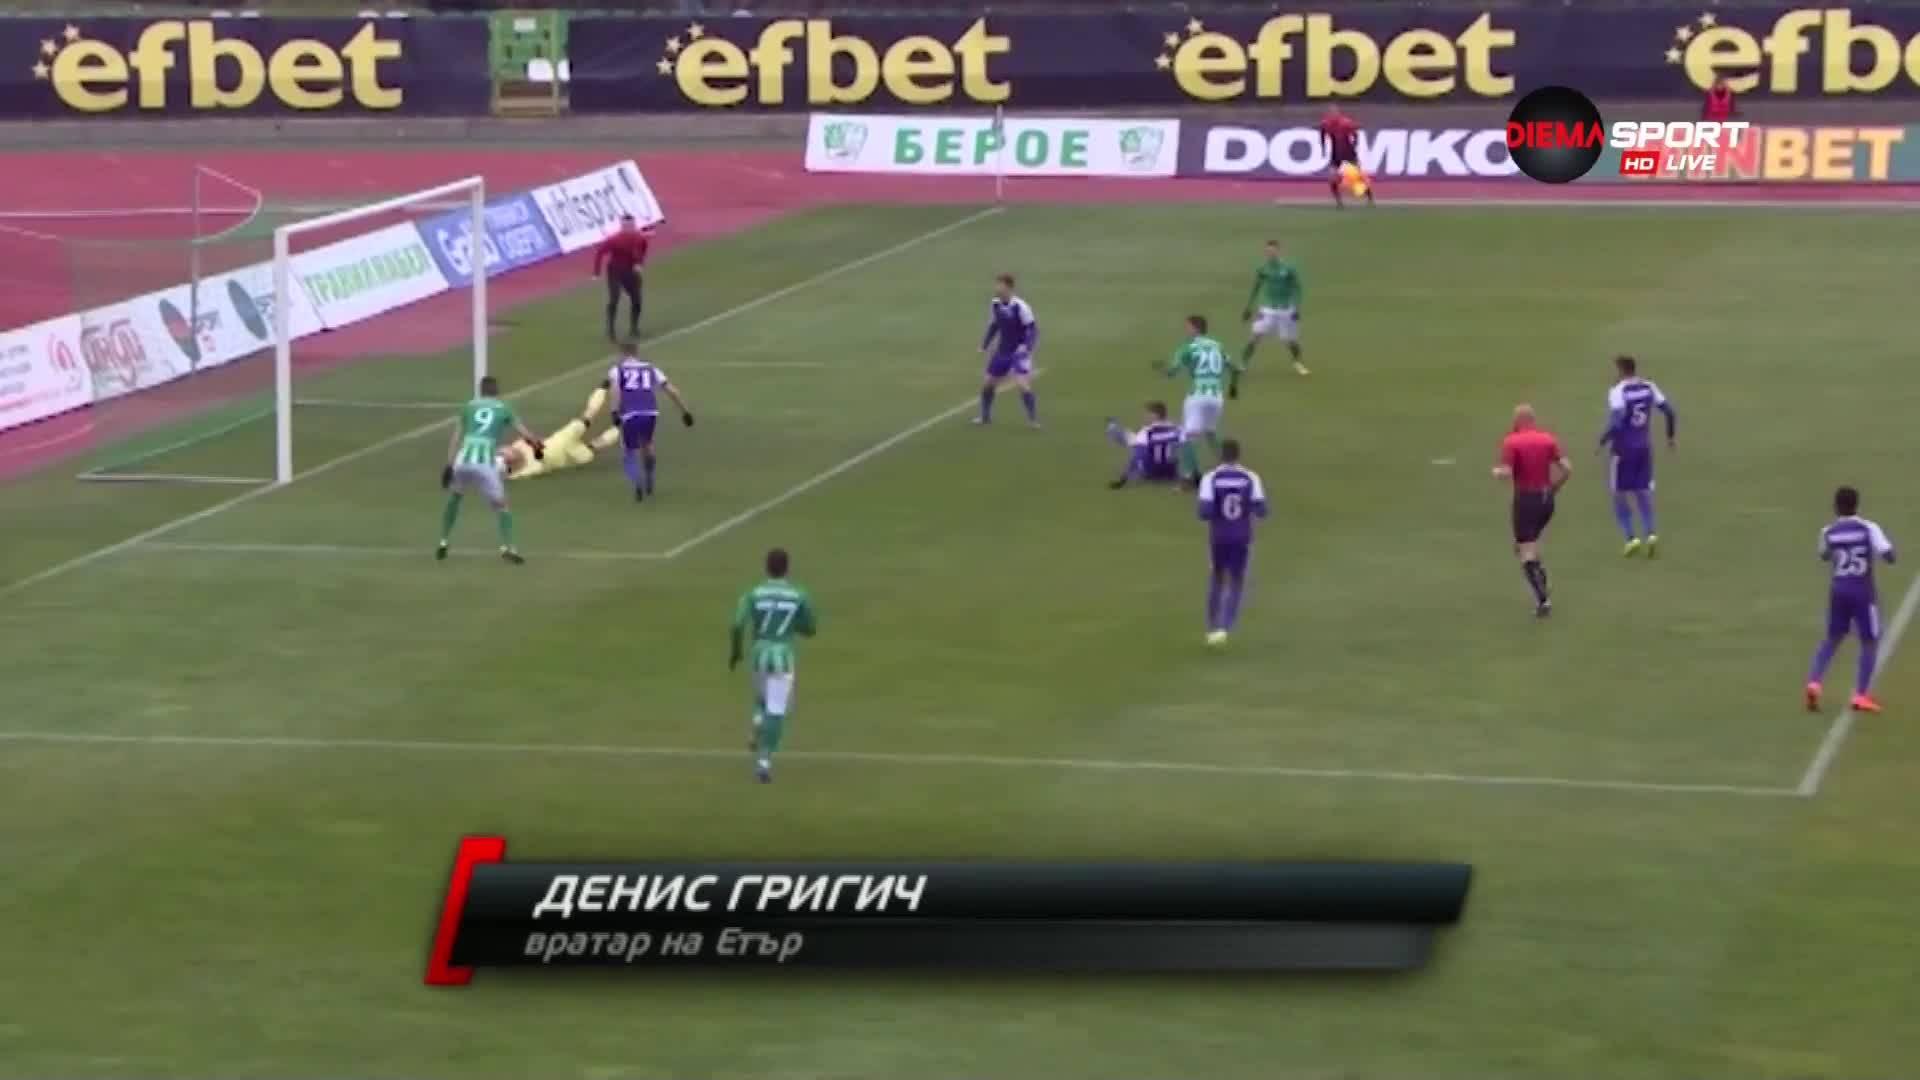 Спасяване на Денис Григич срещу Берое